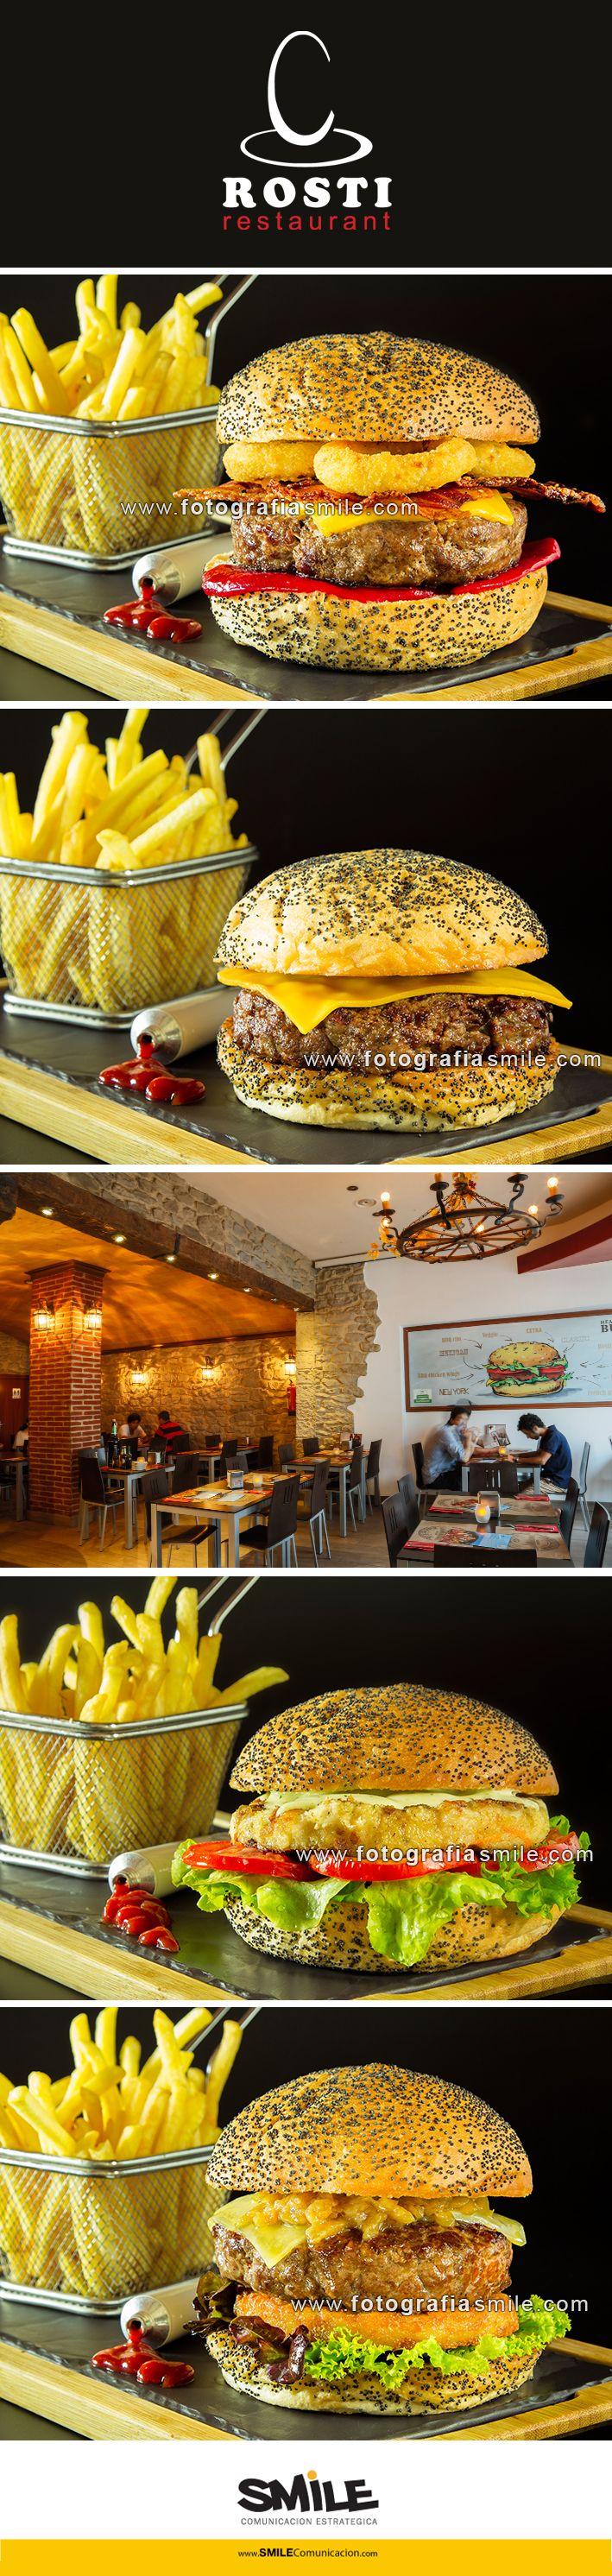 Fotografía de hamburguesas caseras gourmet | Homemade gourmet burger restaurant | Client: www.rosti.cat | Date: 2014